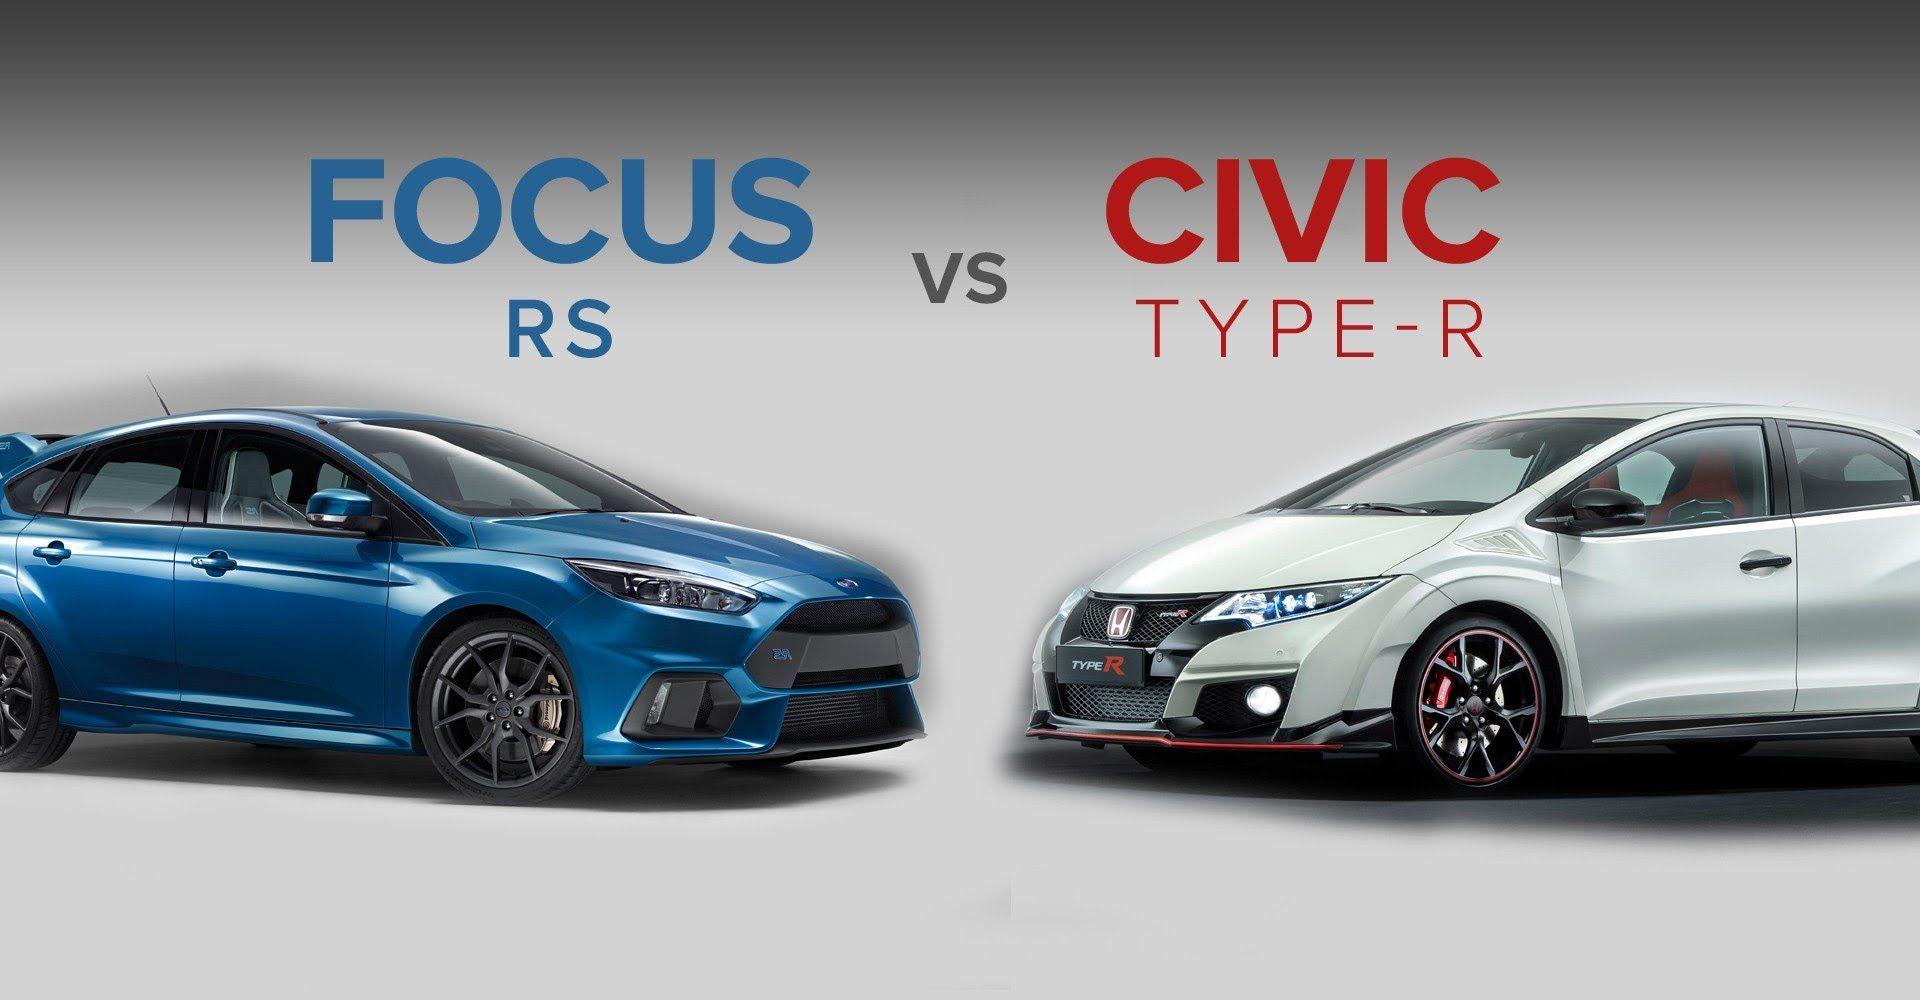 Honda car toys   Ford Focus RS vs Honda Civic Type R  Focus RS  Review